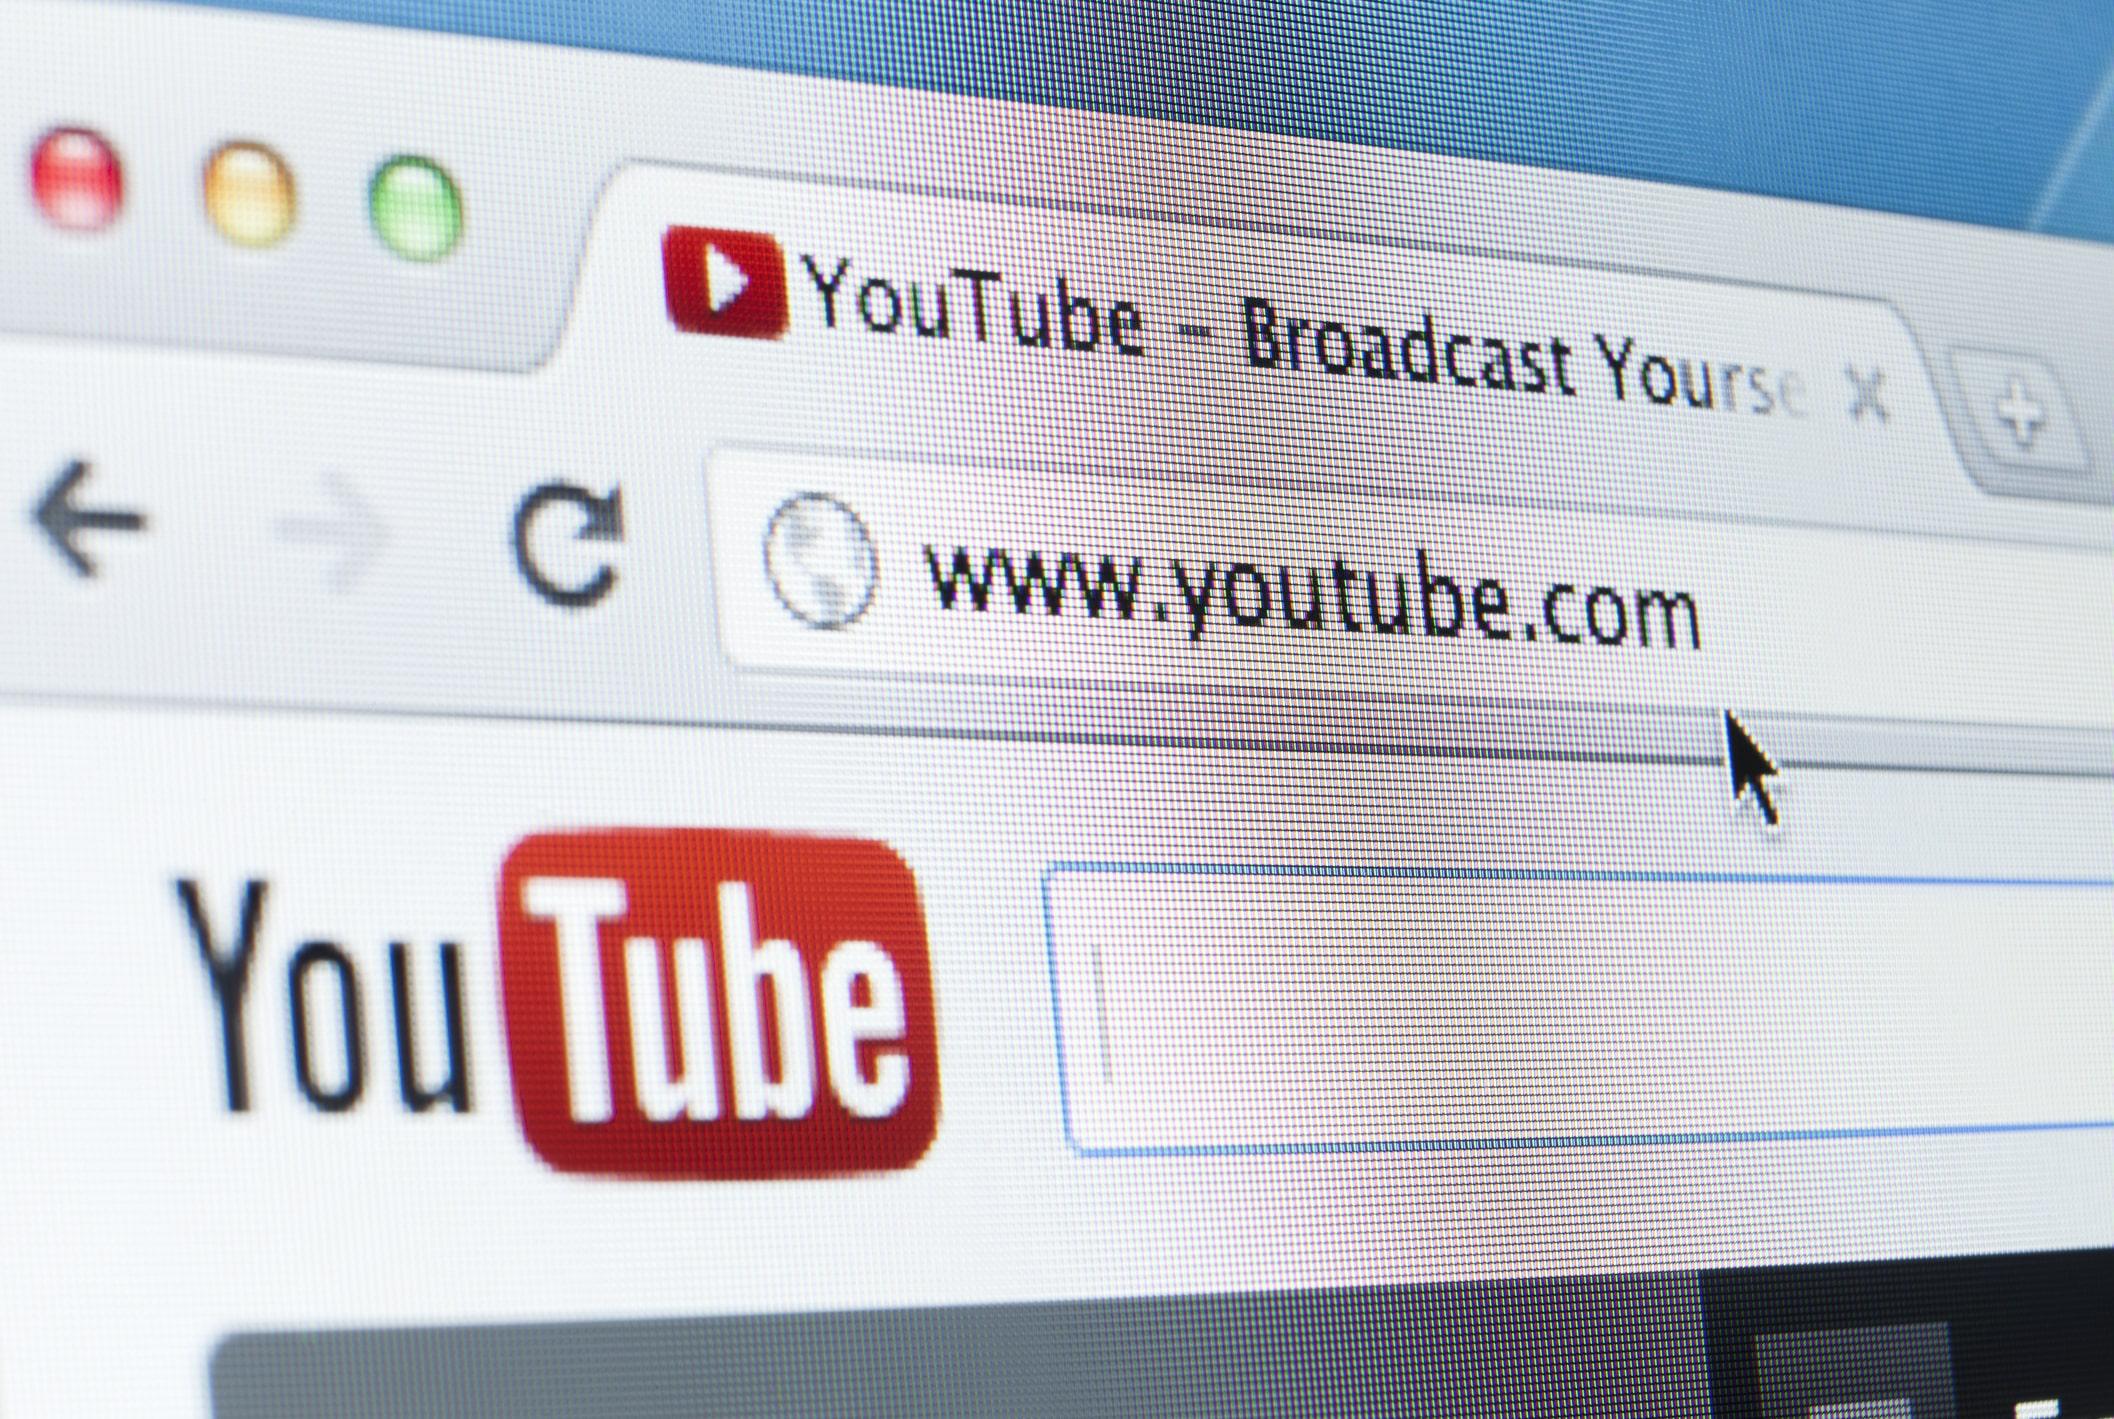 YouTubeの投げ銭機能って何?何ができる?仕組みを解説!